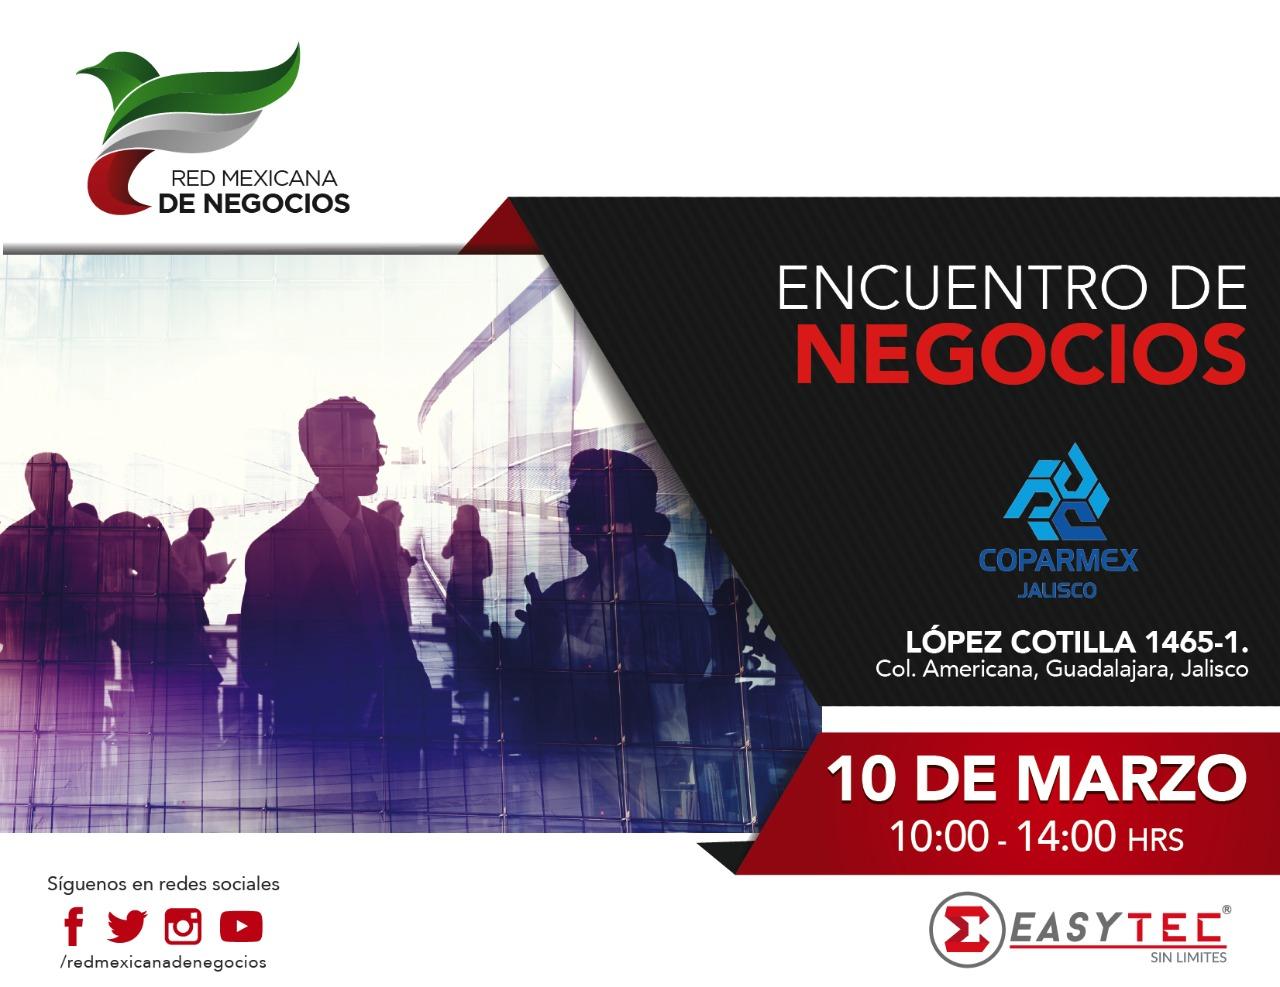 Encuentro_de_negocios_guadalajara